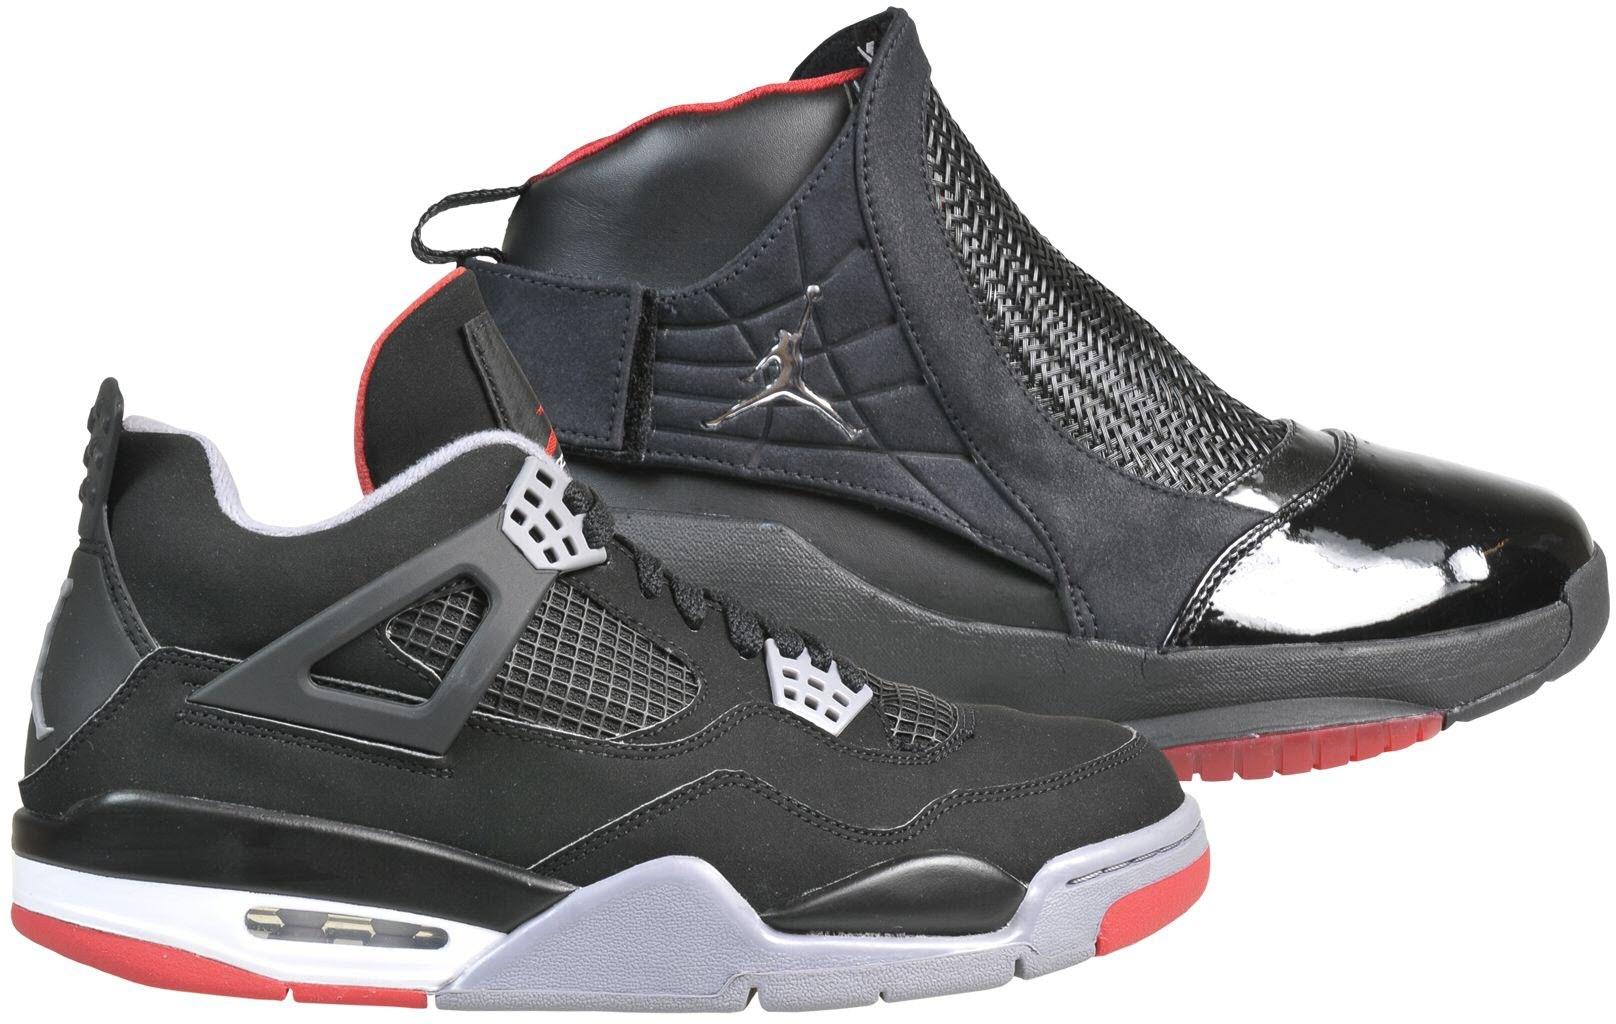 Jordan Countdown Pack 4/19